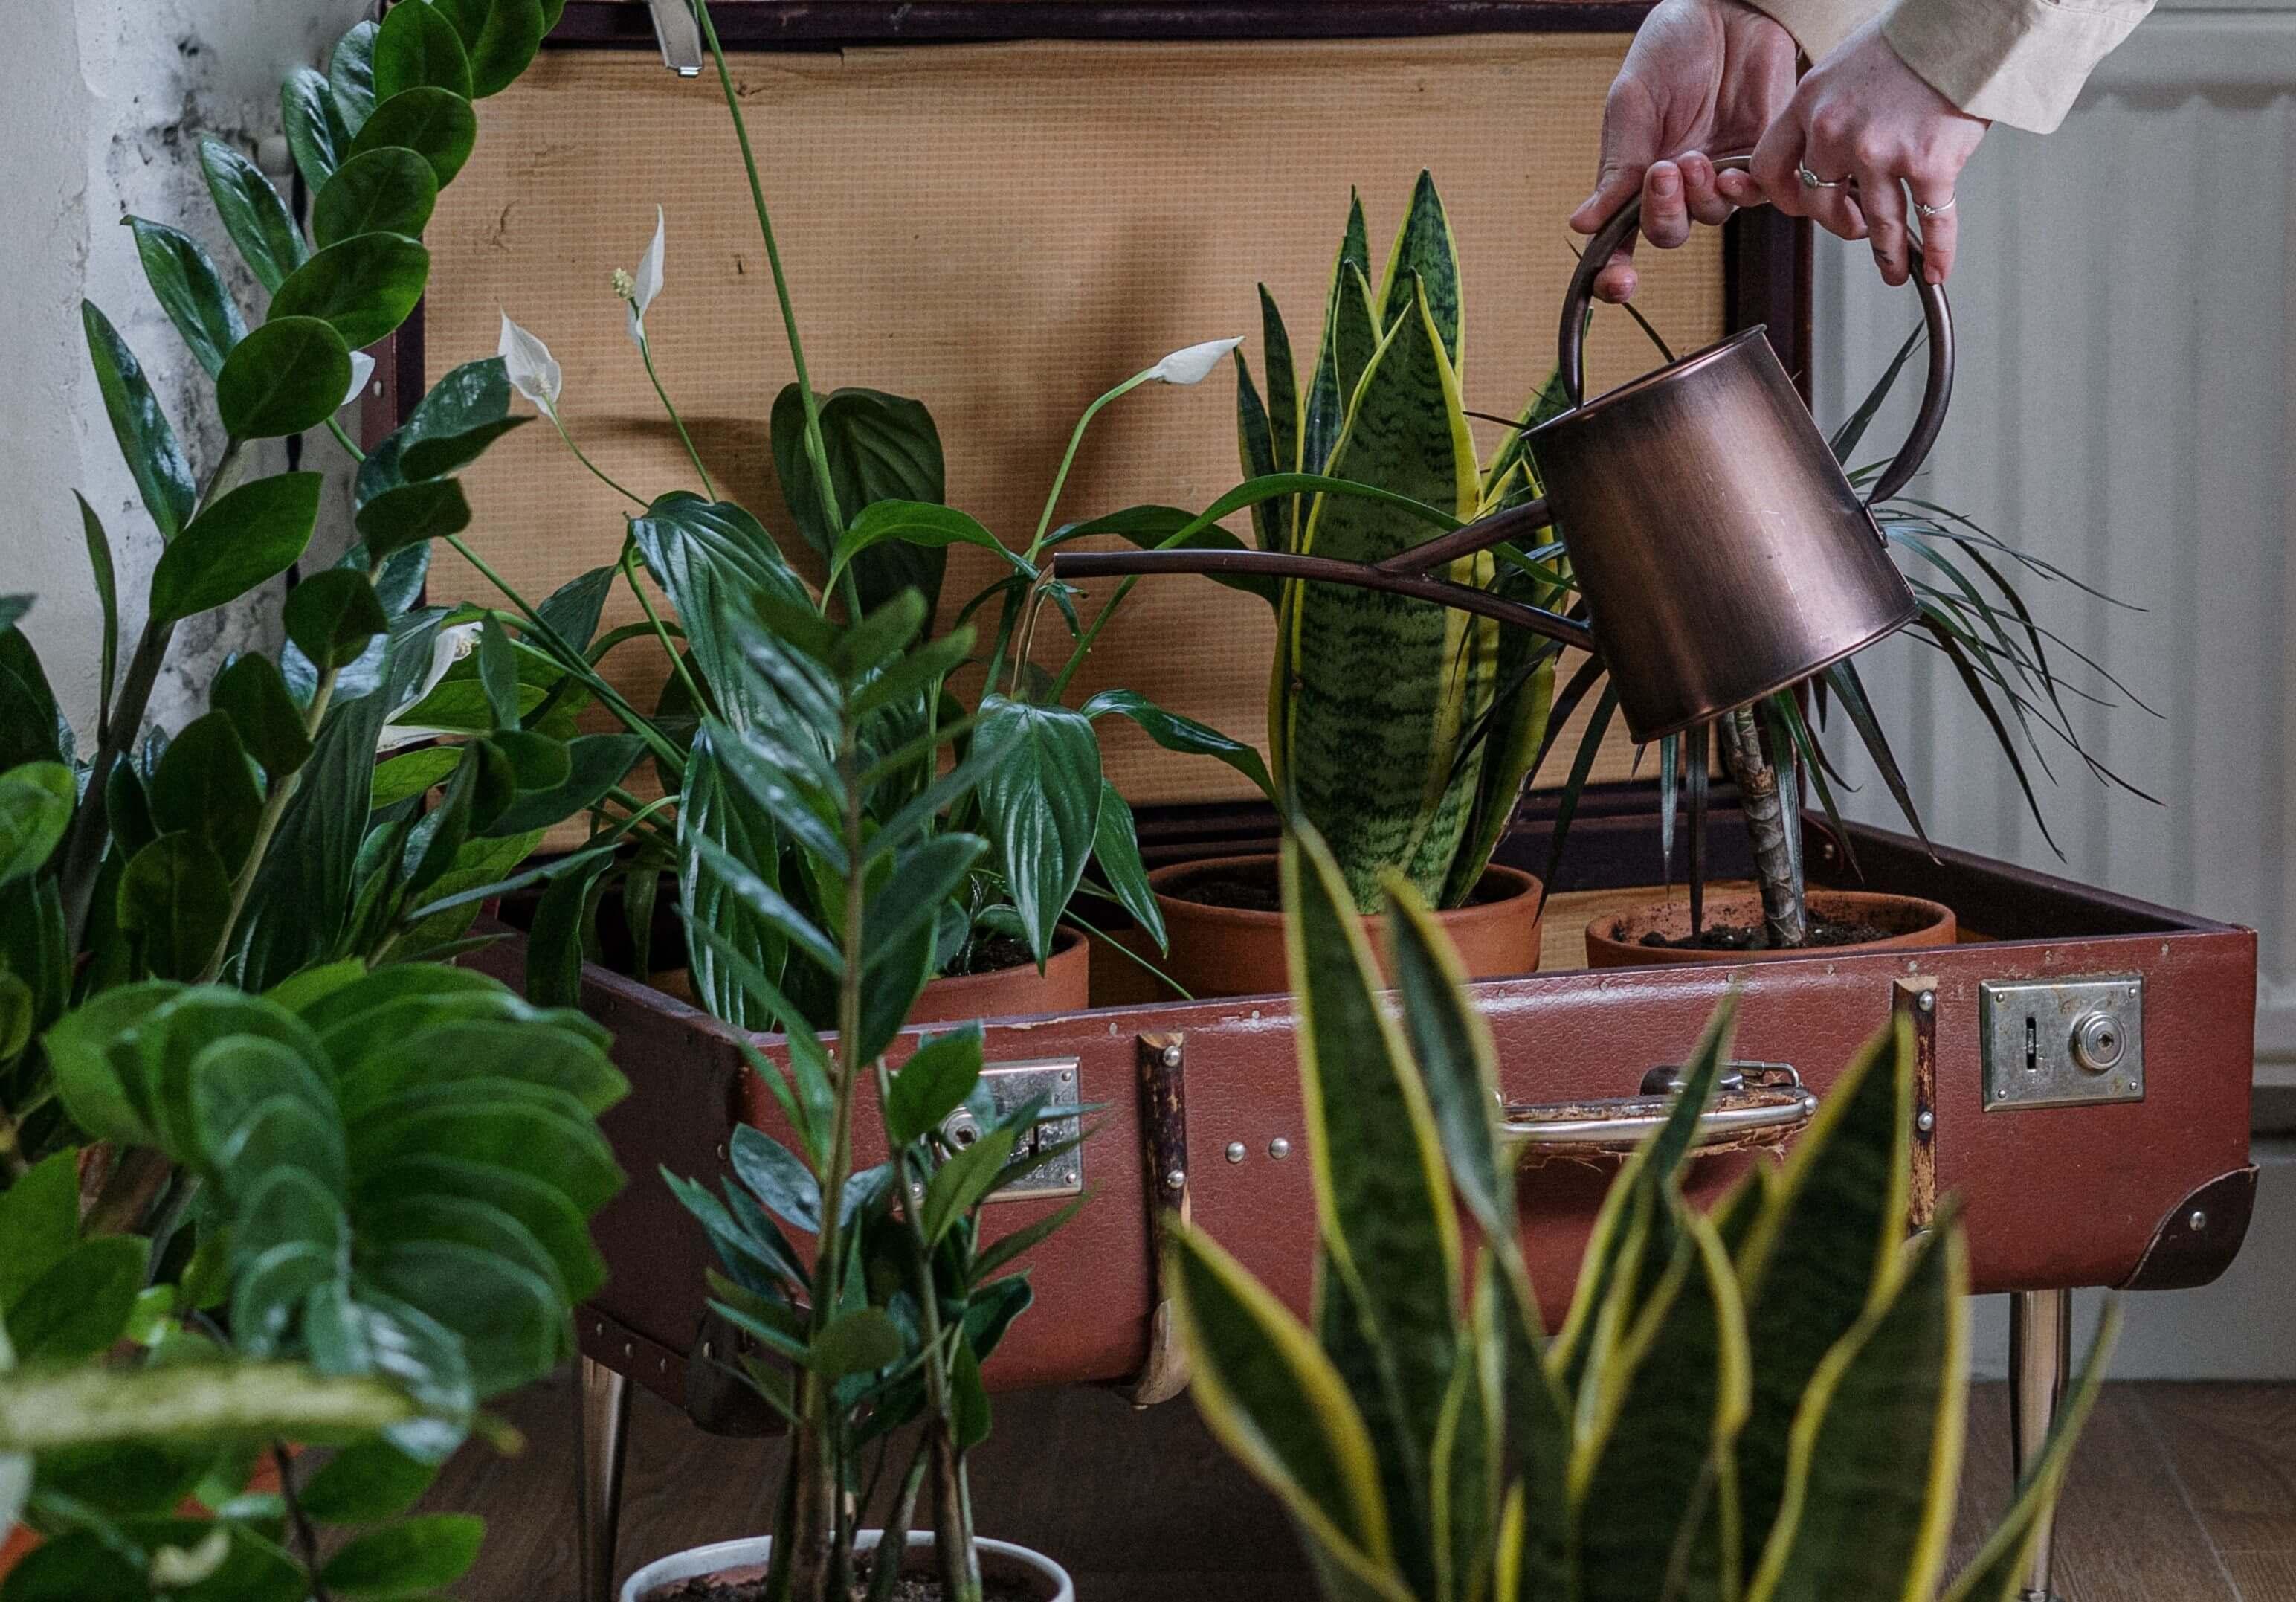 Ako sa postarať o izbové rastliny počas dovolenky? Týchto 5 tipov oceníte aj po návrate z nej